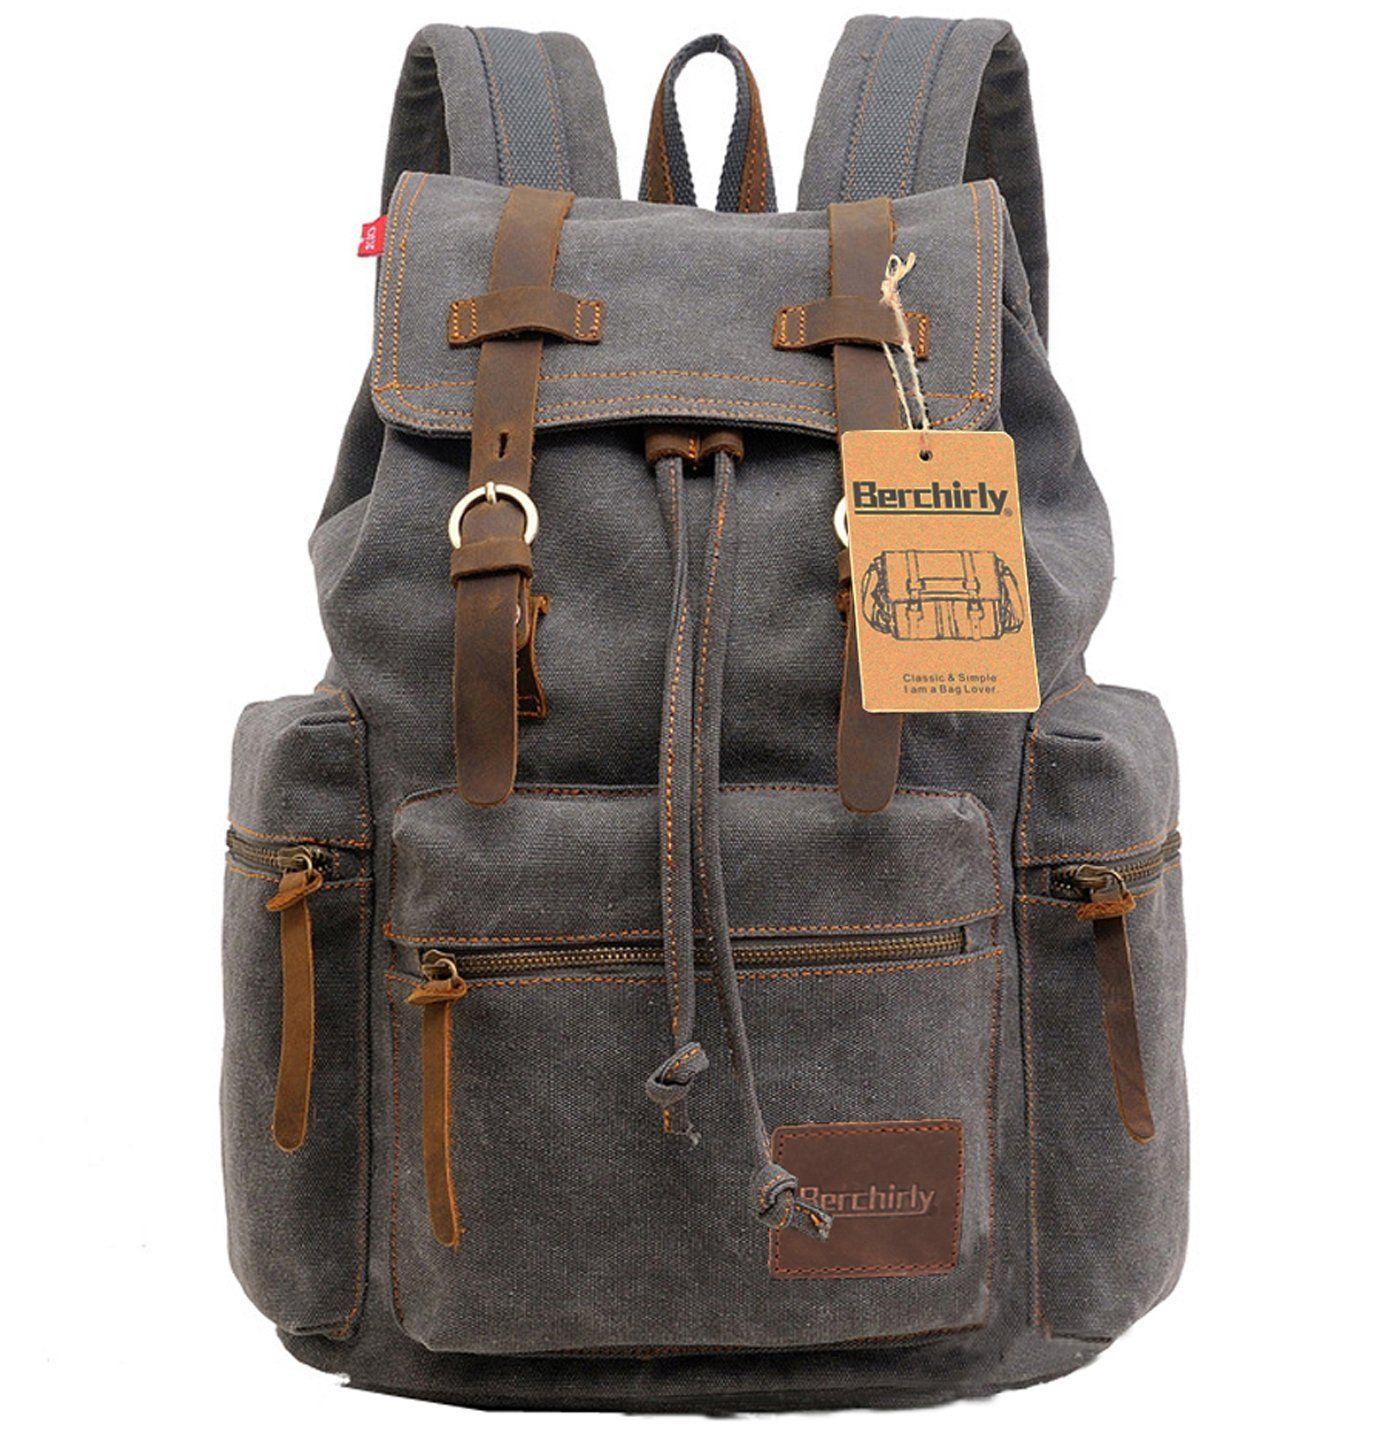 2479971eea Berchirly Vintage Men Casual Canvas Leather Backpack Rucksack Bookbag  Satchel Hiking Bag -- Visit the image link more details.